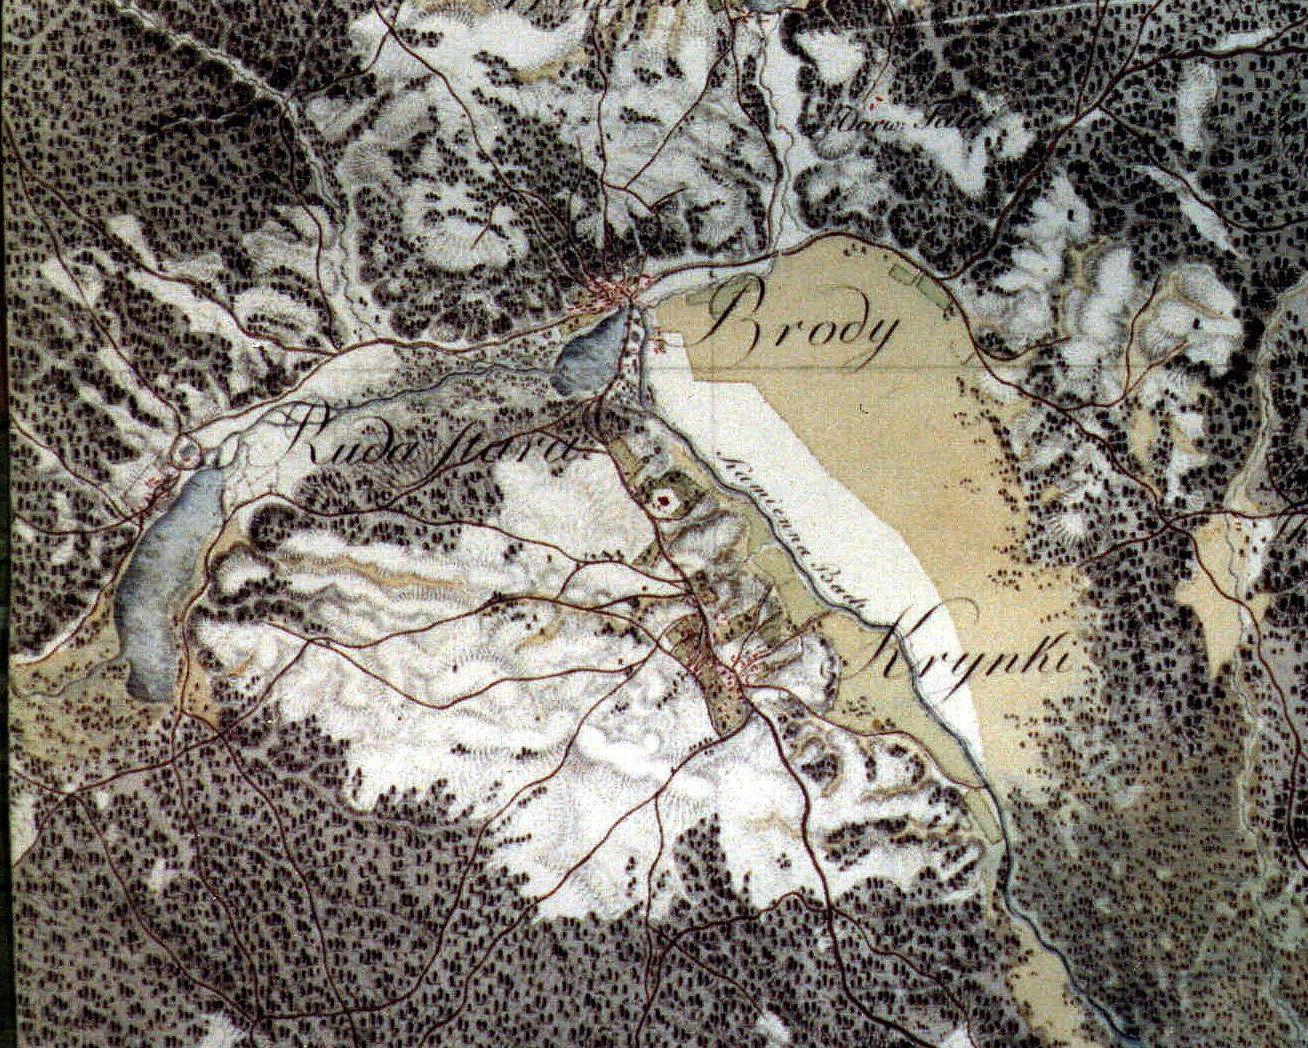 1801-1804-mapa-historyczna-brody-krynki-ruda-swietokrzyskie-a.JPG